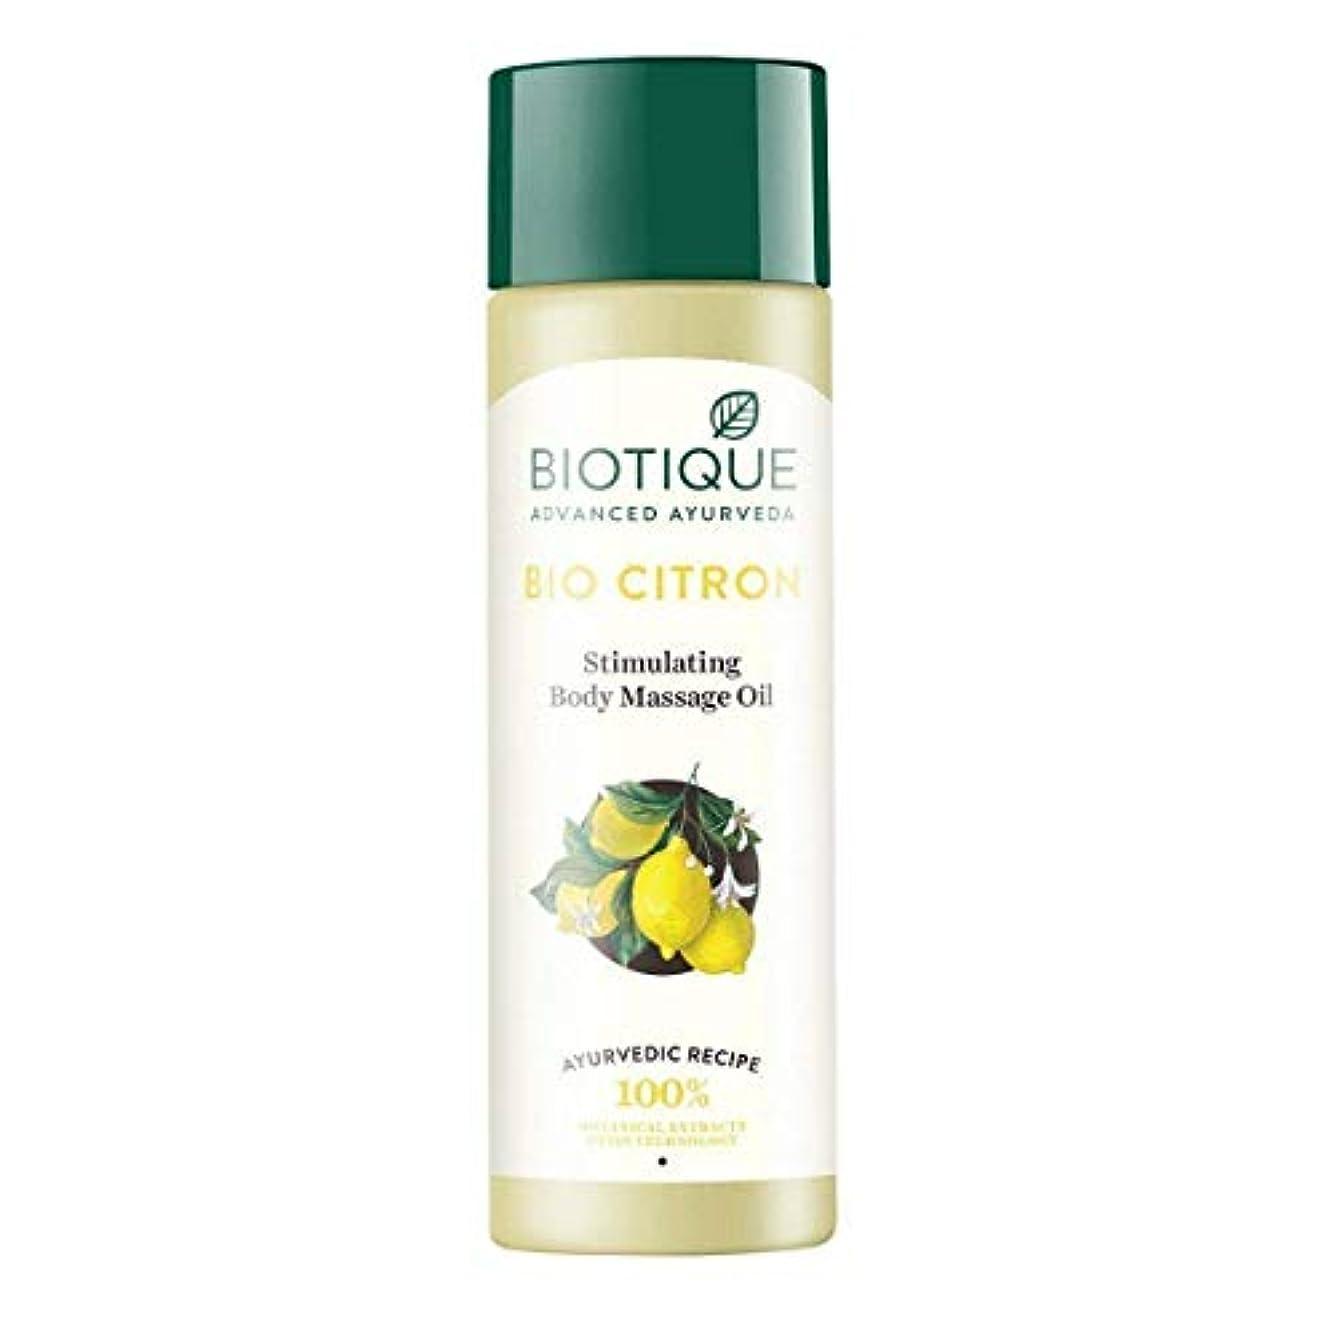 新聞ロータリーエージェントBiotique Bio Citron Stimulating Body Massage Oil, 200ml rich in vitamin Biotique バイオシトロン刺激ボディマッサージオイル、ビタミン